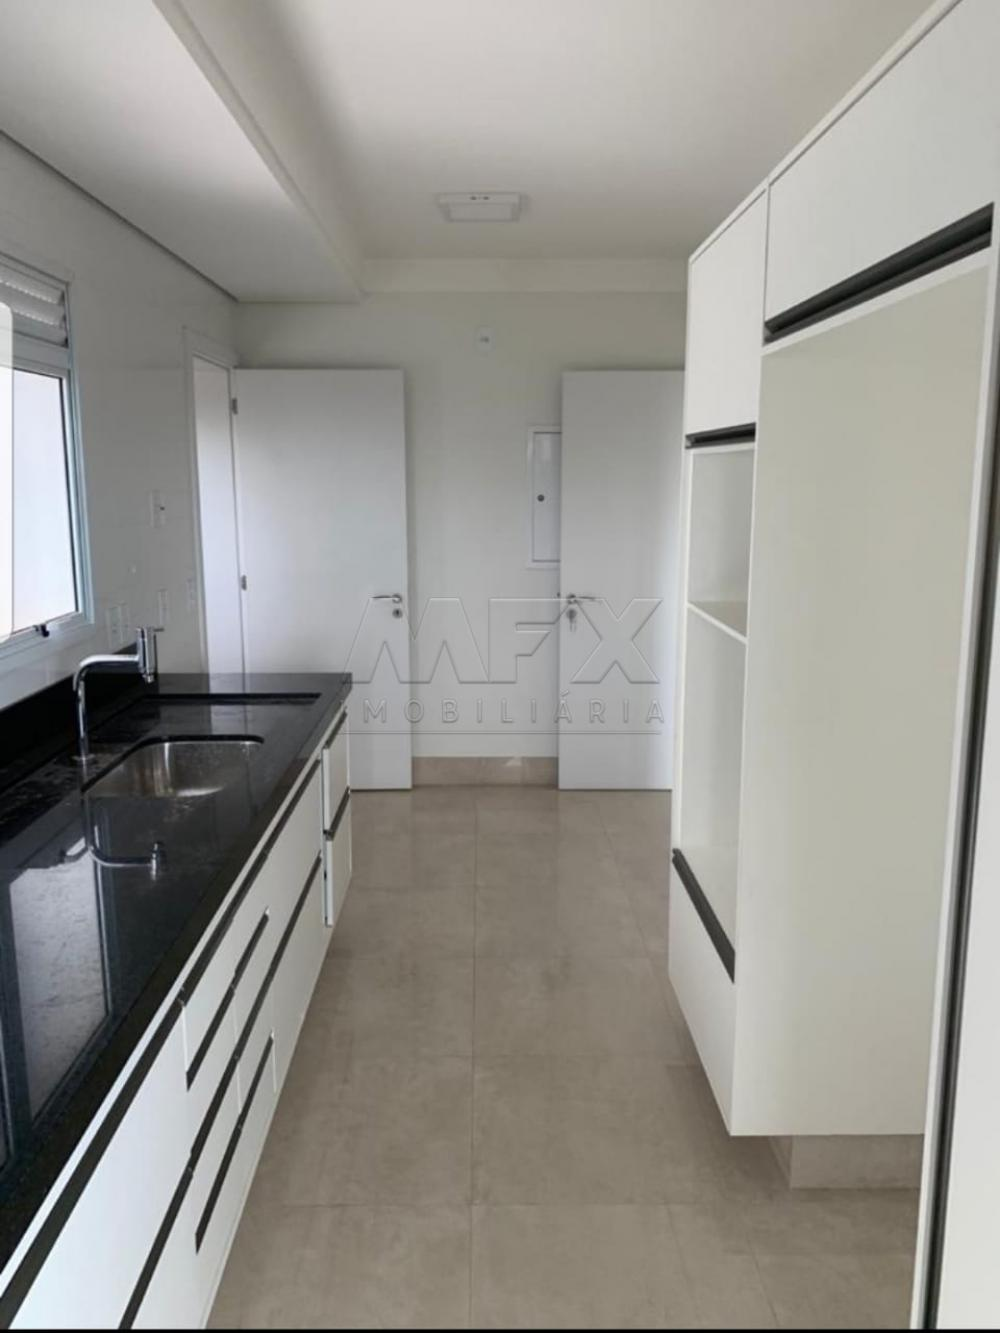 Alugar Apartamento / Padrão em Bauru apenas R$ 3.500,00 - Foto 4